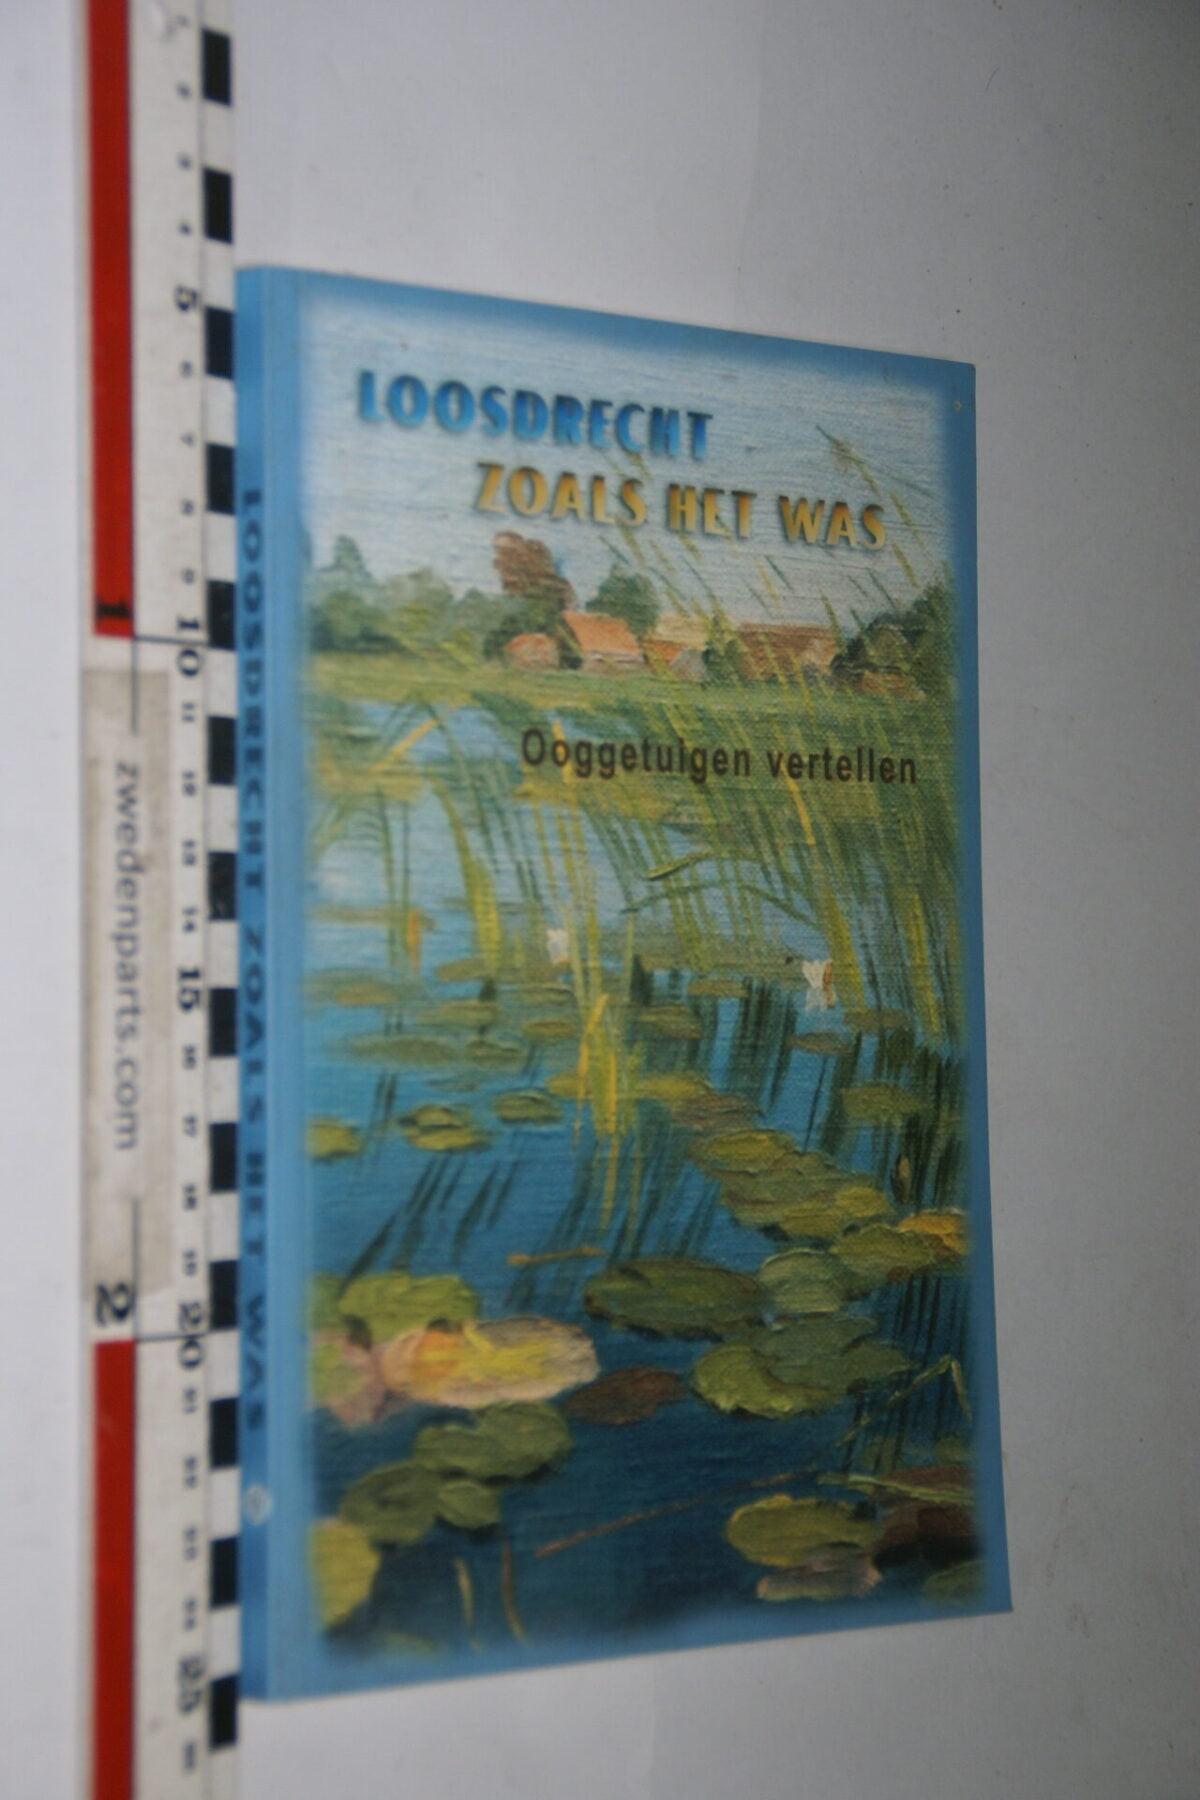 DSC06726 2010 boek Loosdrecht , zoals het was ISBN 978-90-803846-7-5-da88a9c4